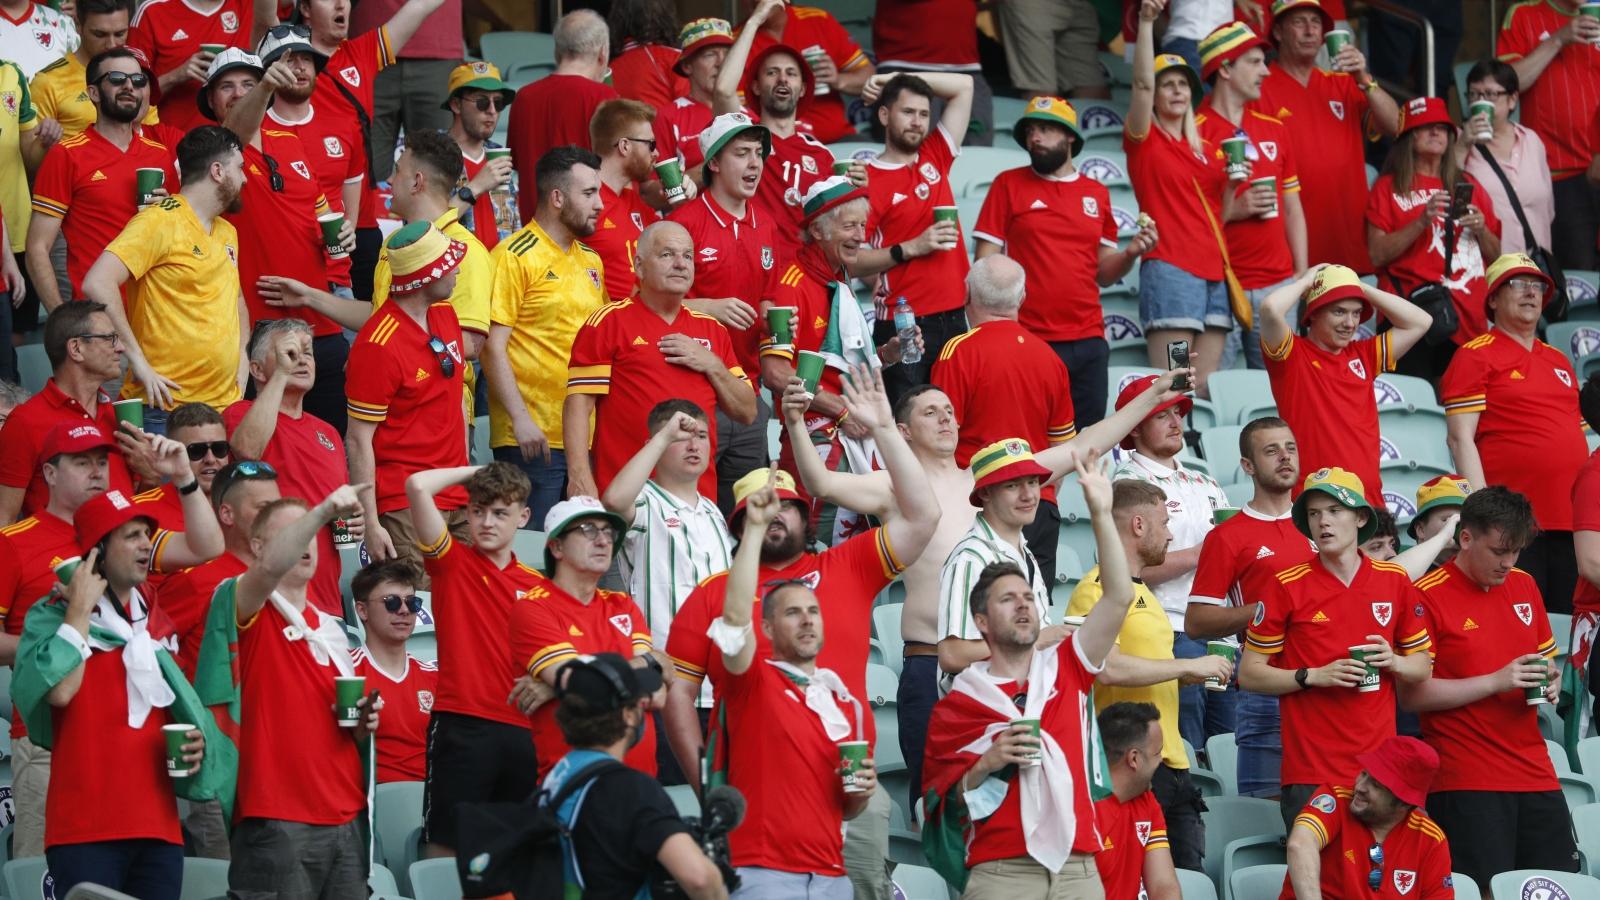 Trực tiếp Thổ Nhĩ Kỳ 0-0 Xứ Wales: Quyết chiến giành 3 điểm